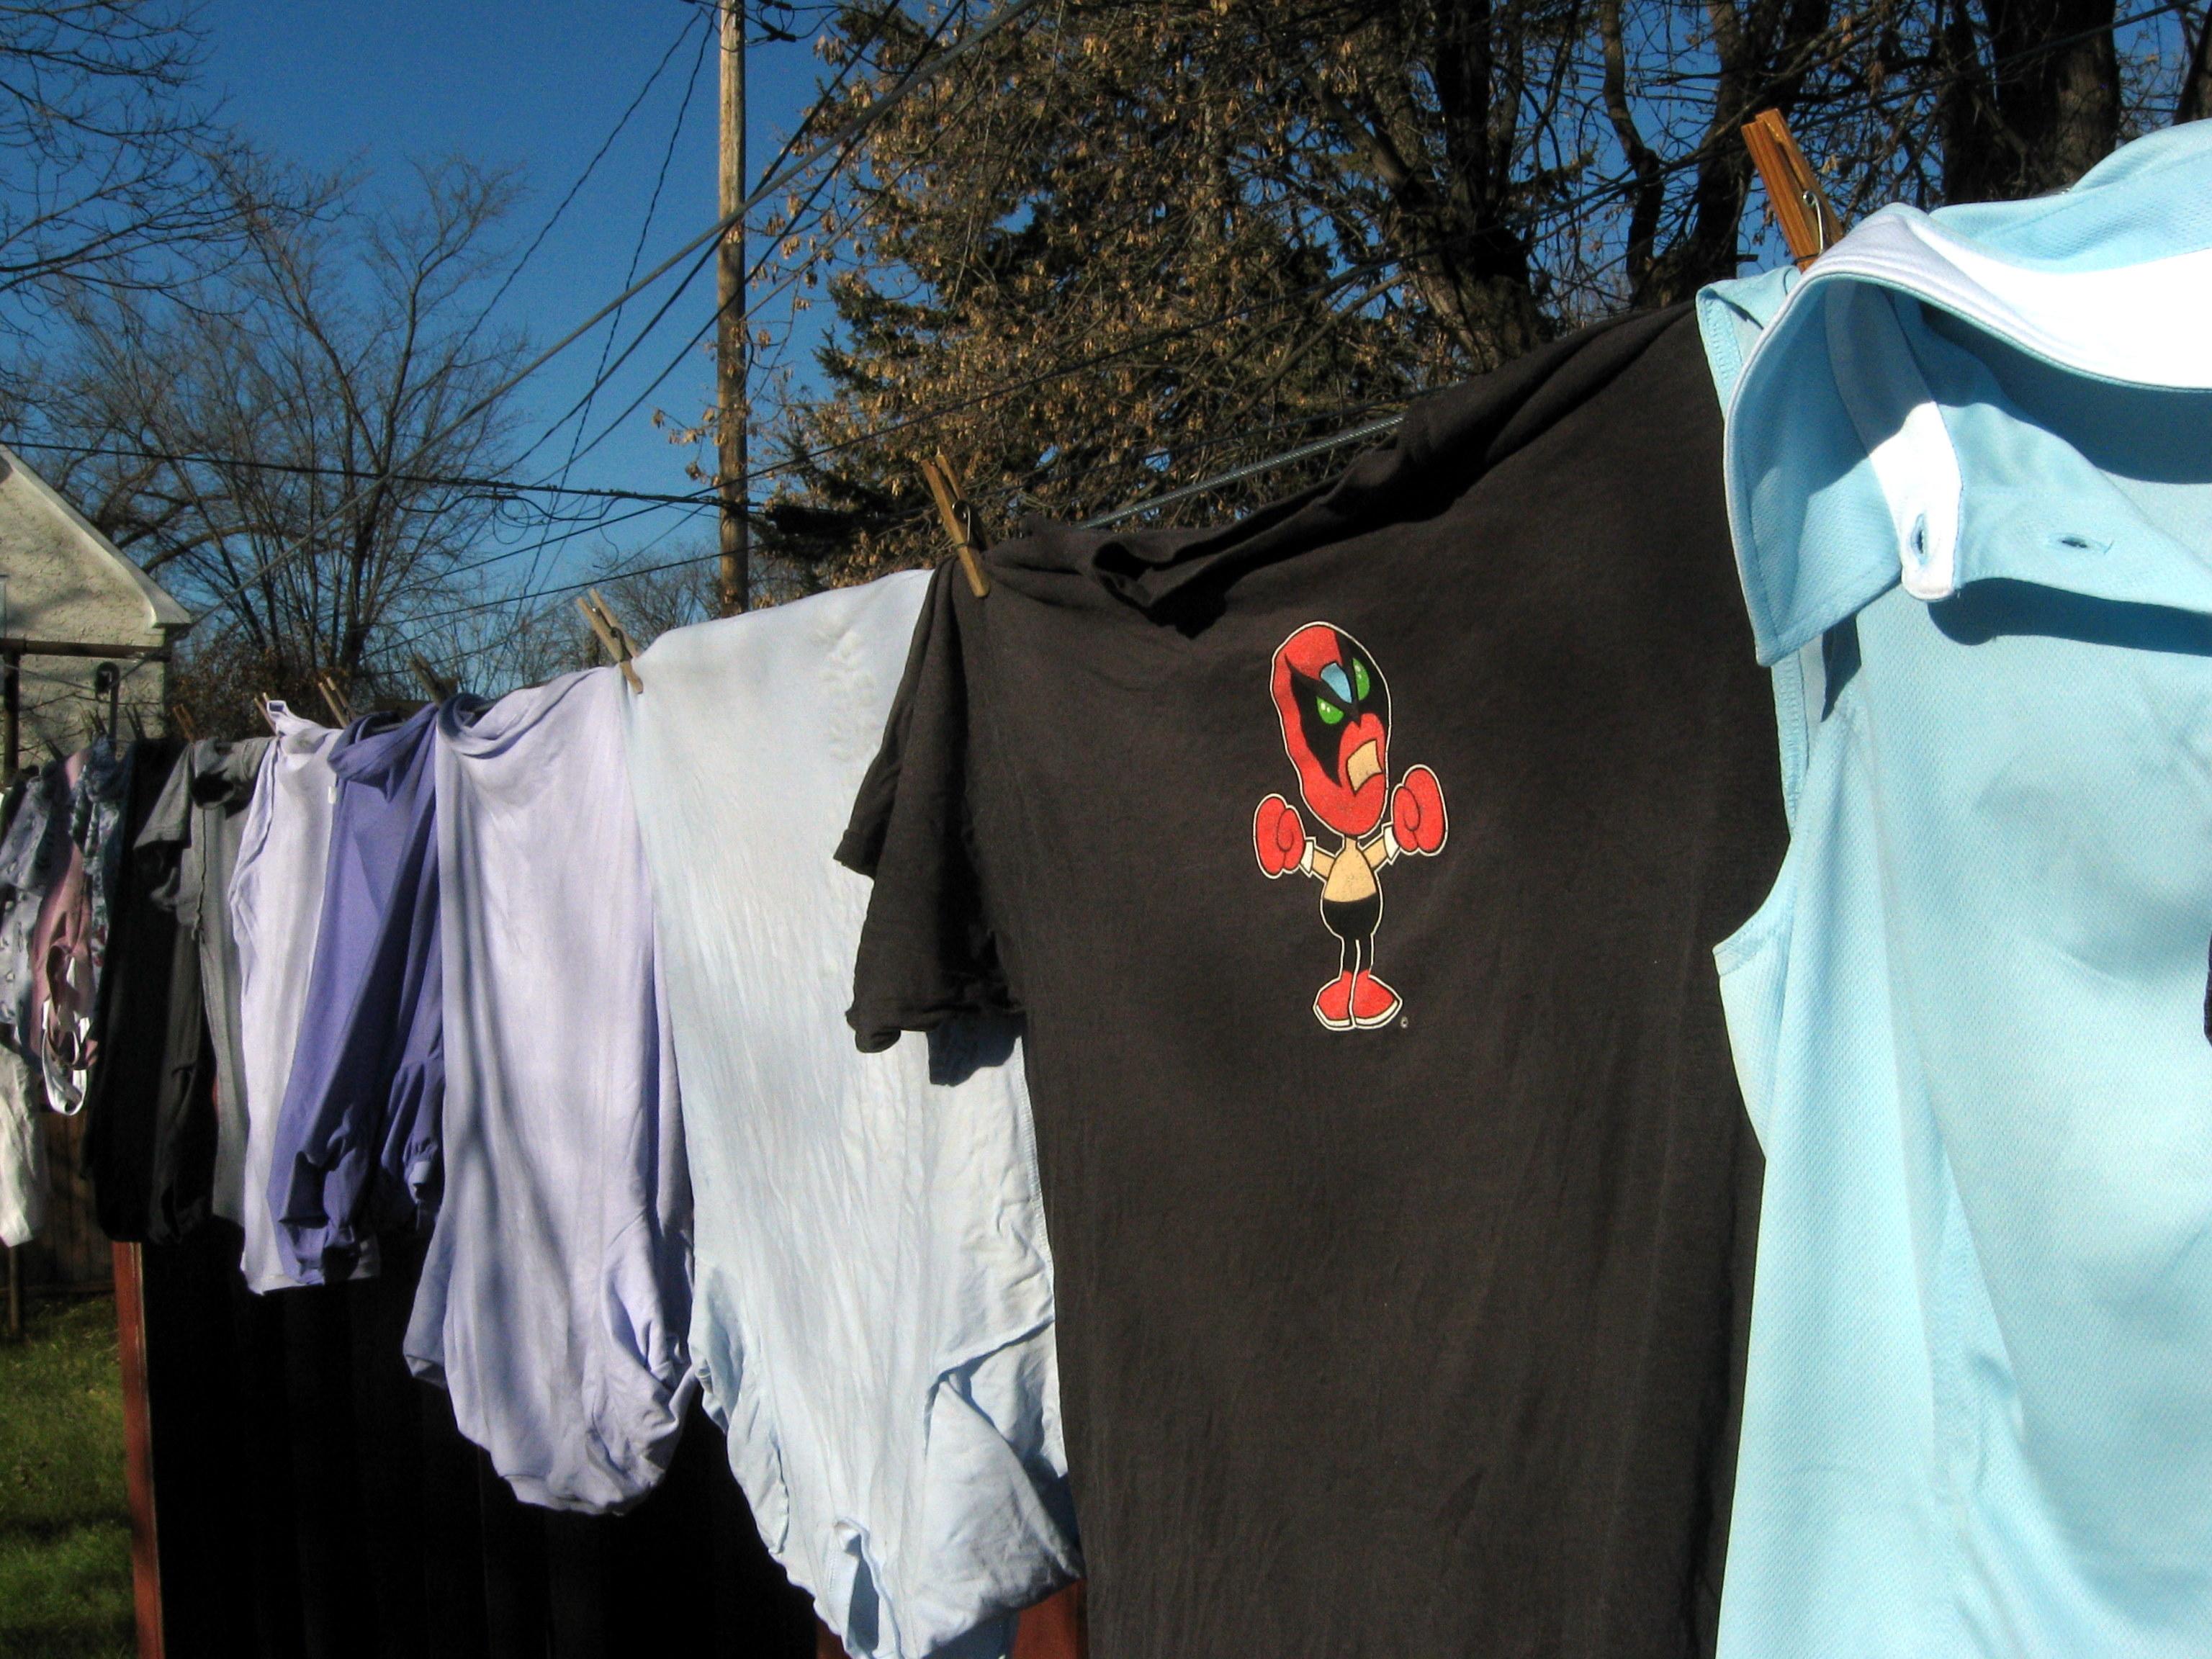 File Photo: Laundry